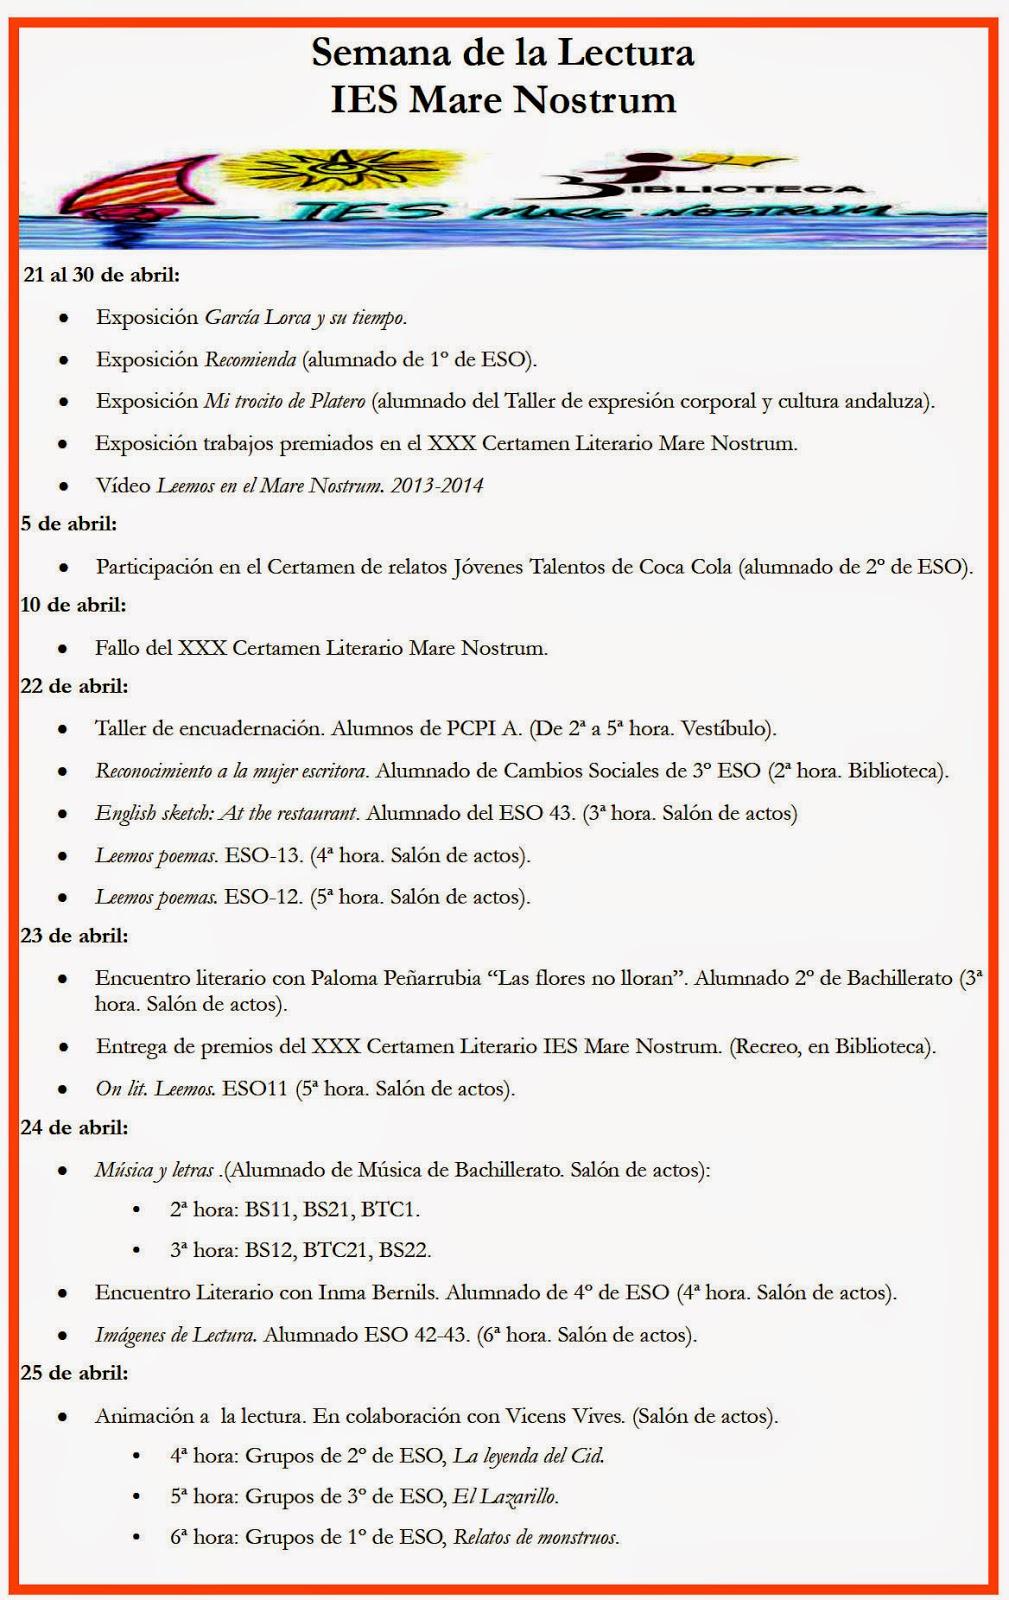 Descarga del documento en pdf